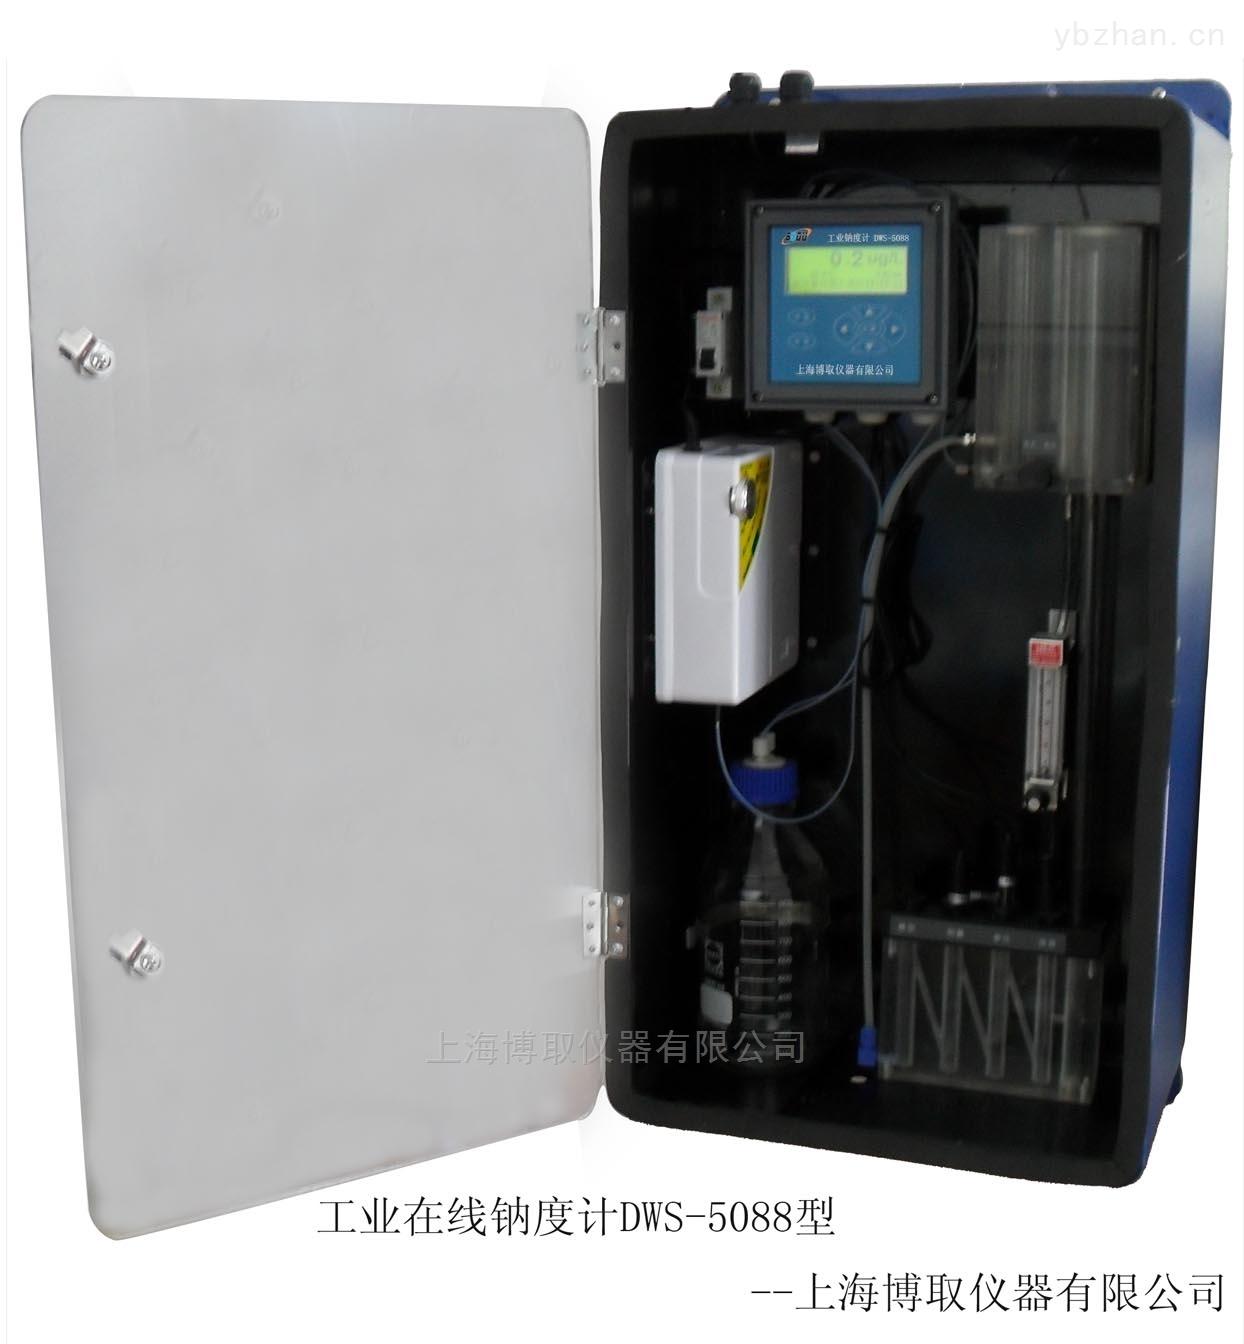 DWG-5088A-蒸汽锅炉钠离子检测仪